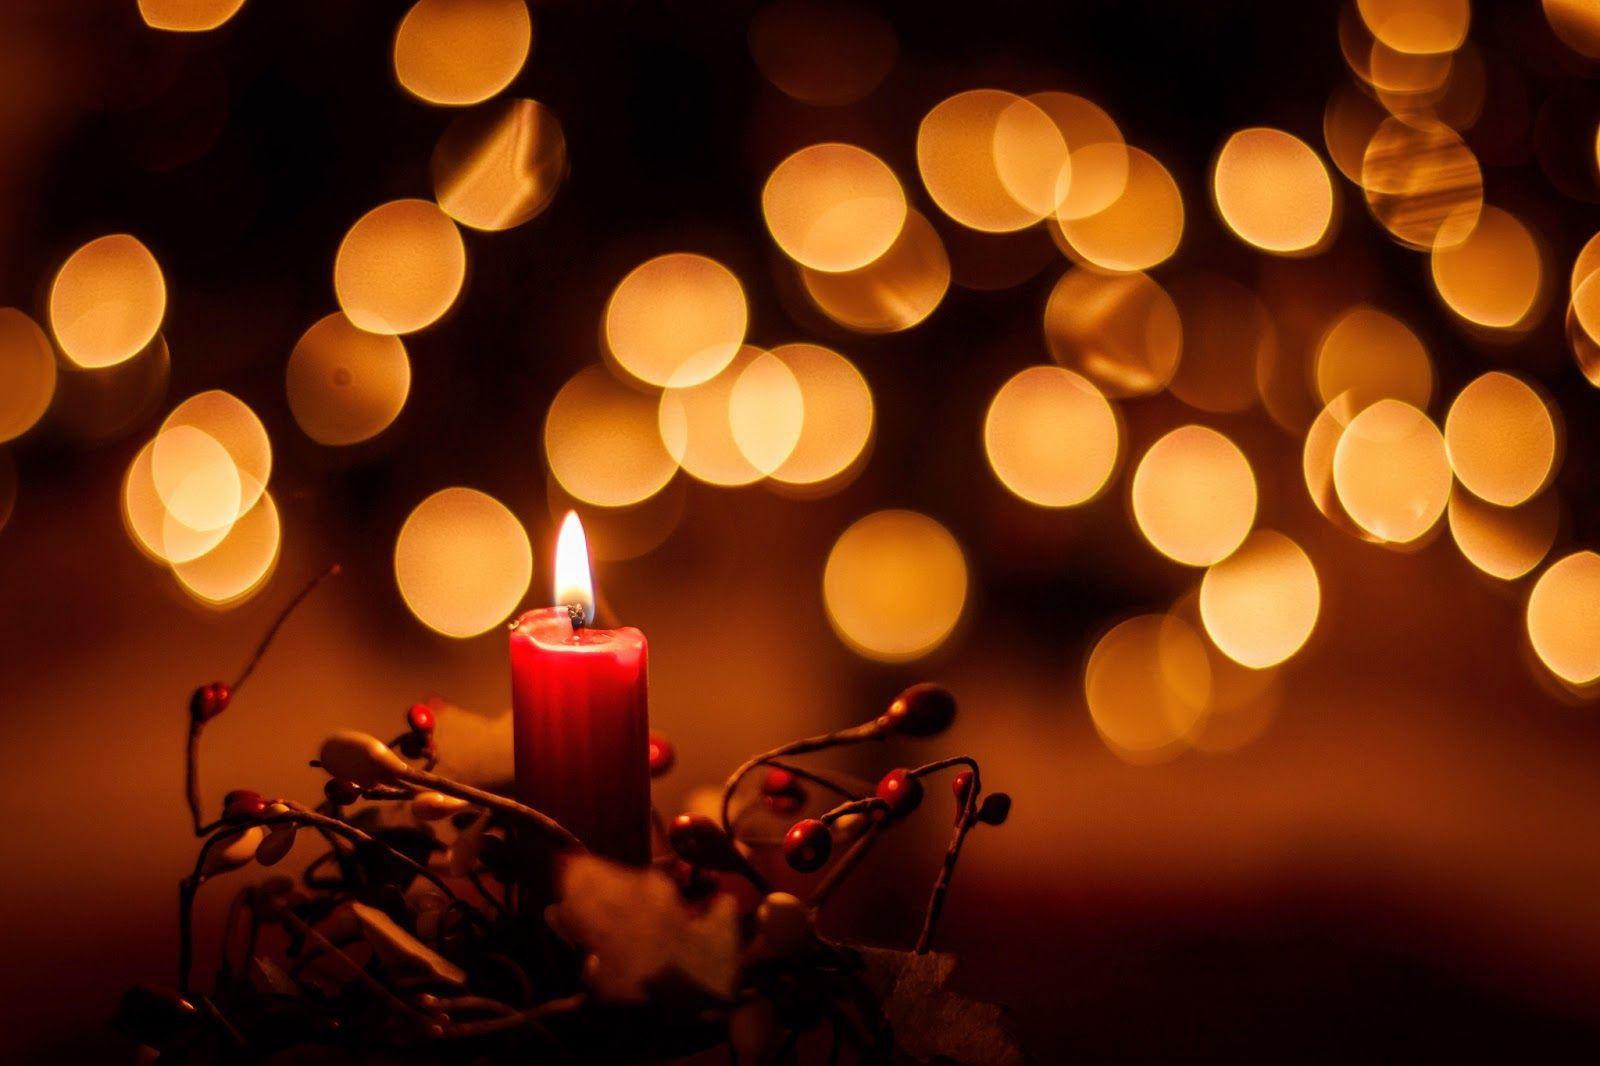 الصور الفوتوغرافية الأكثر جمالا صور فوتوغرافية جديدة مداد الجليد Candles Photography Candles Christmas Candle